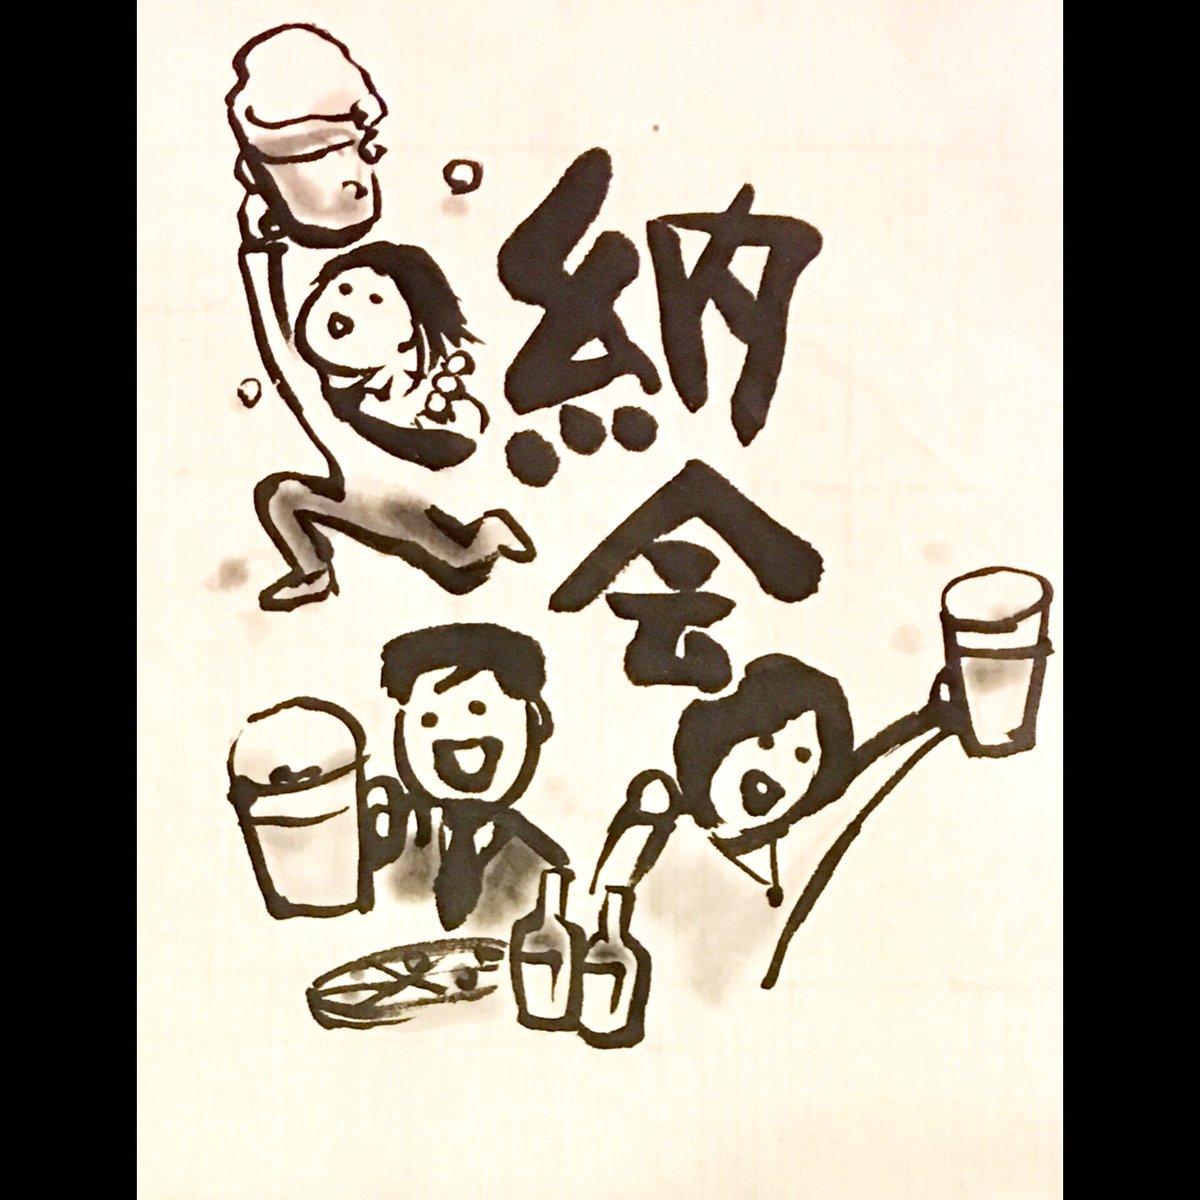 中村美帆 On Twitter 納会ですねー 筆文字 水墨画 イラスト